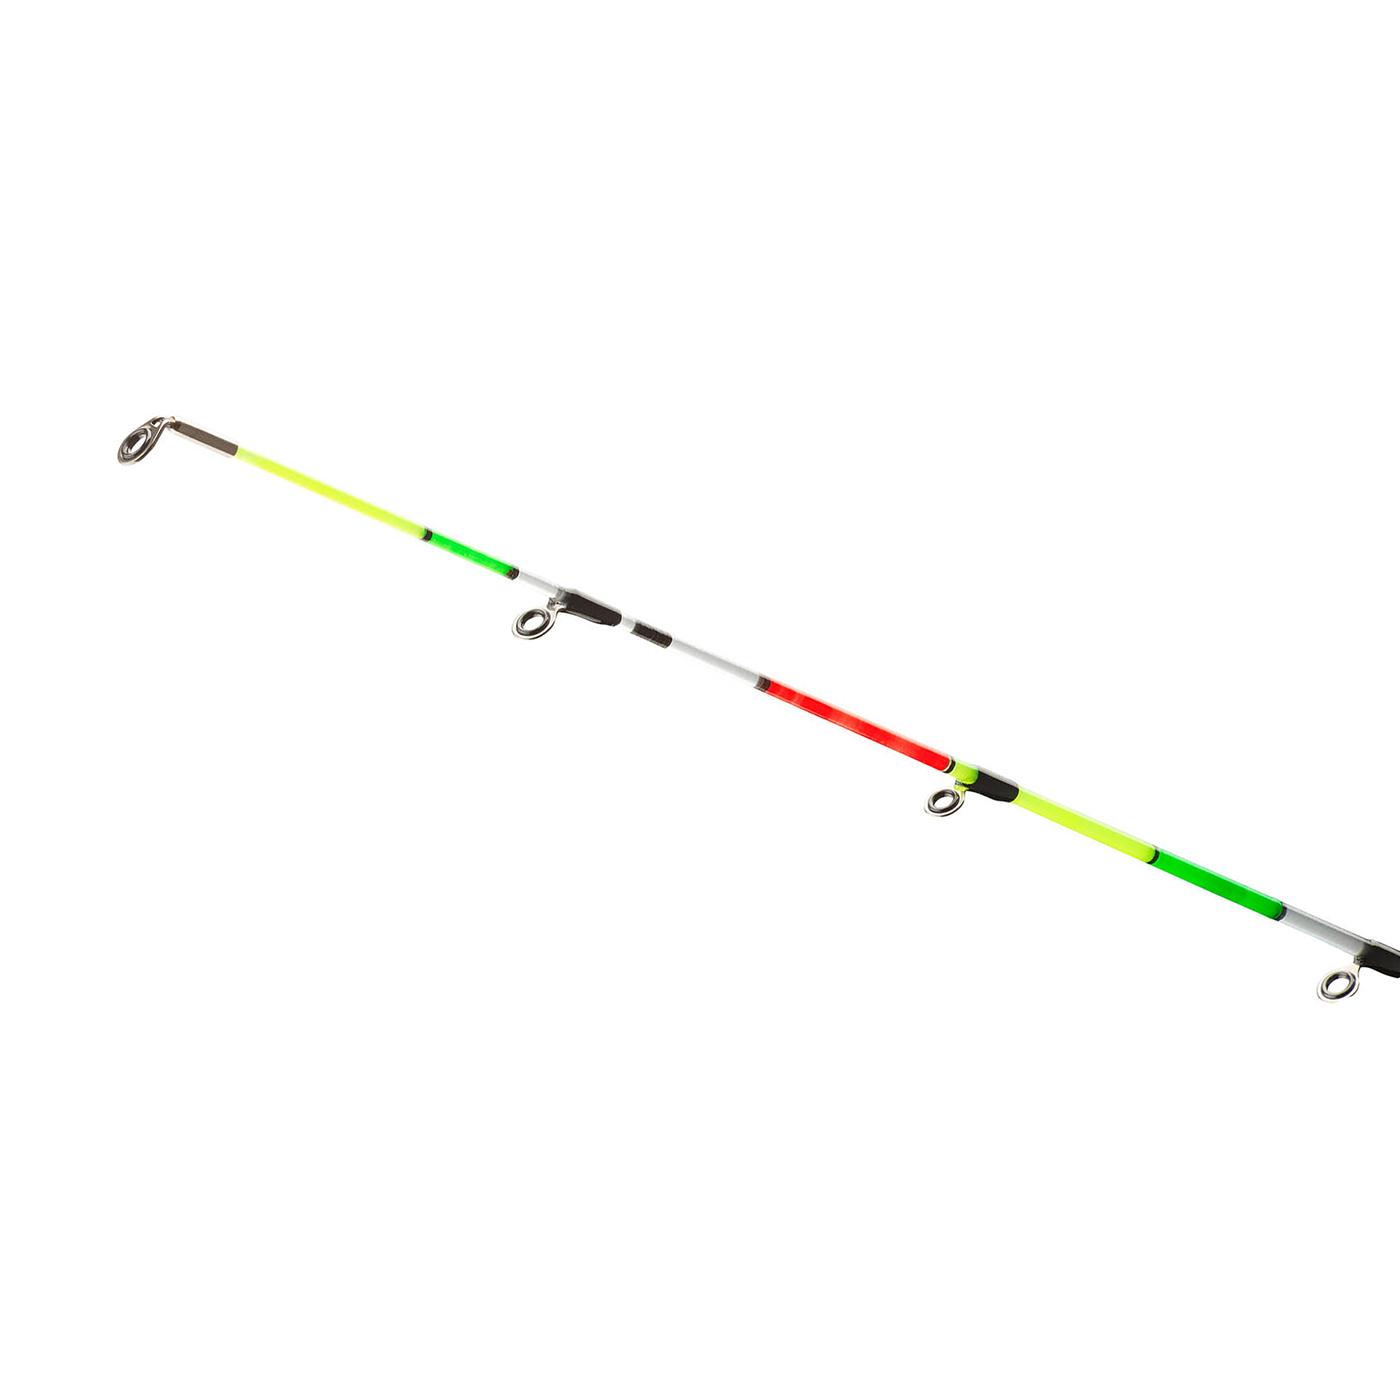 Daiwa Seahunter X Variotip Tele 270cm 30 110g Neu 2020